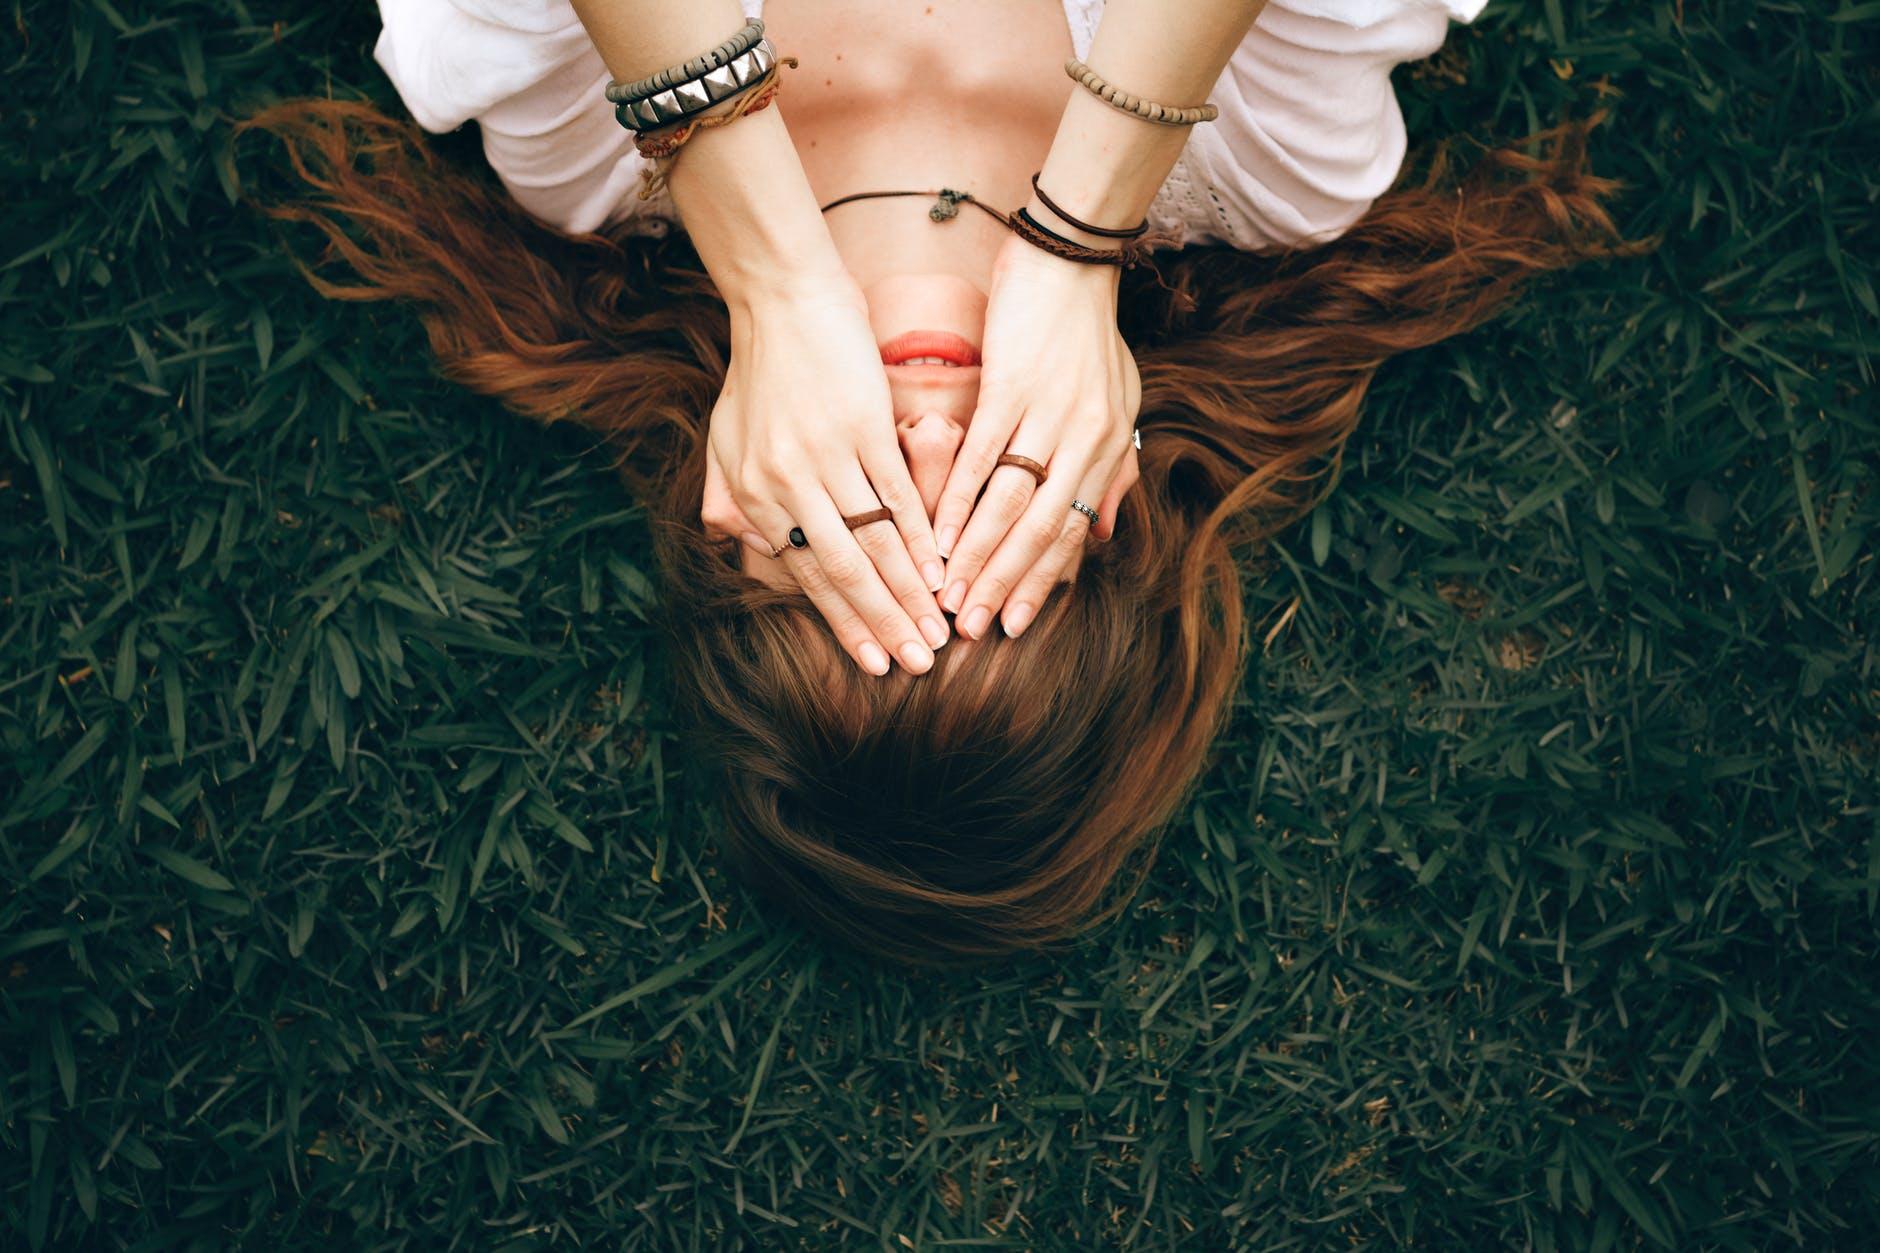 Imaš li vremena biti samo žena? Jesi li naučila ljude oko sebe da si i ti samo ljudsko biće?